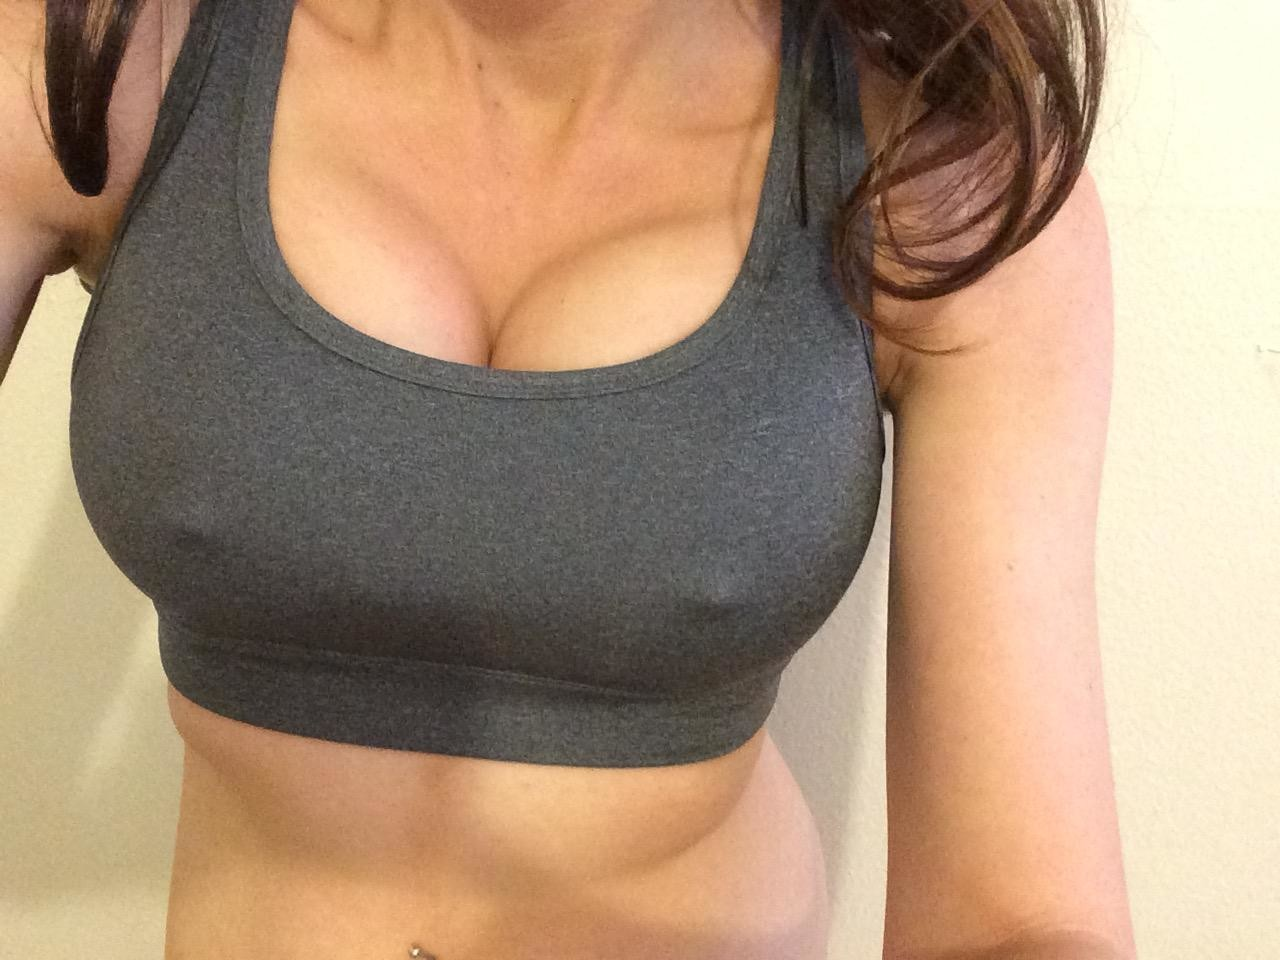 Фото женской груди 4 размера 1 фотография